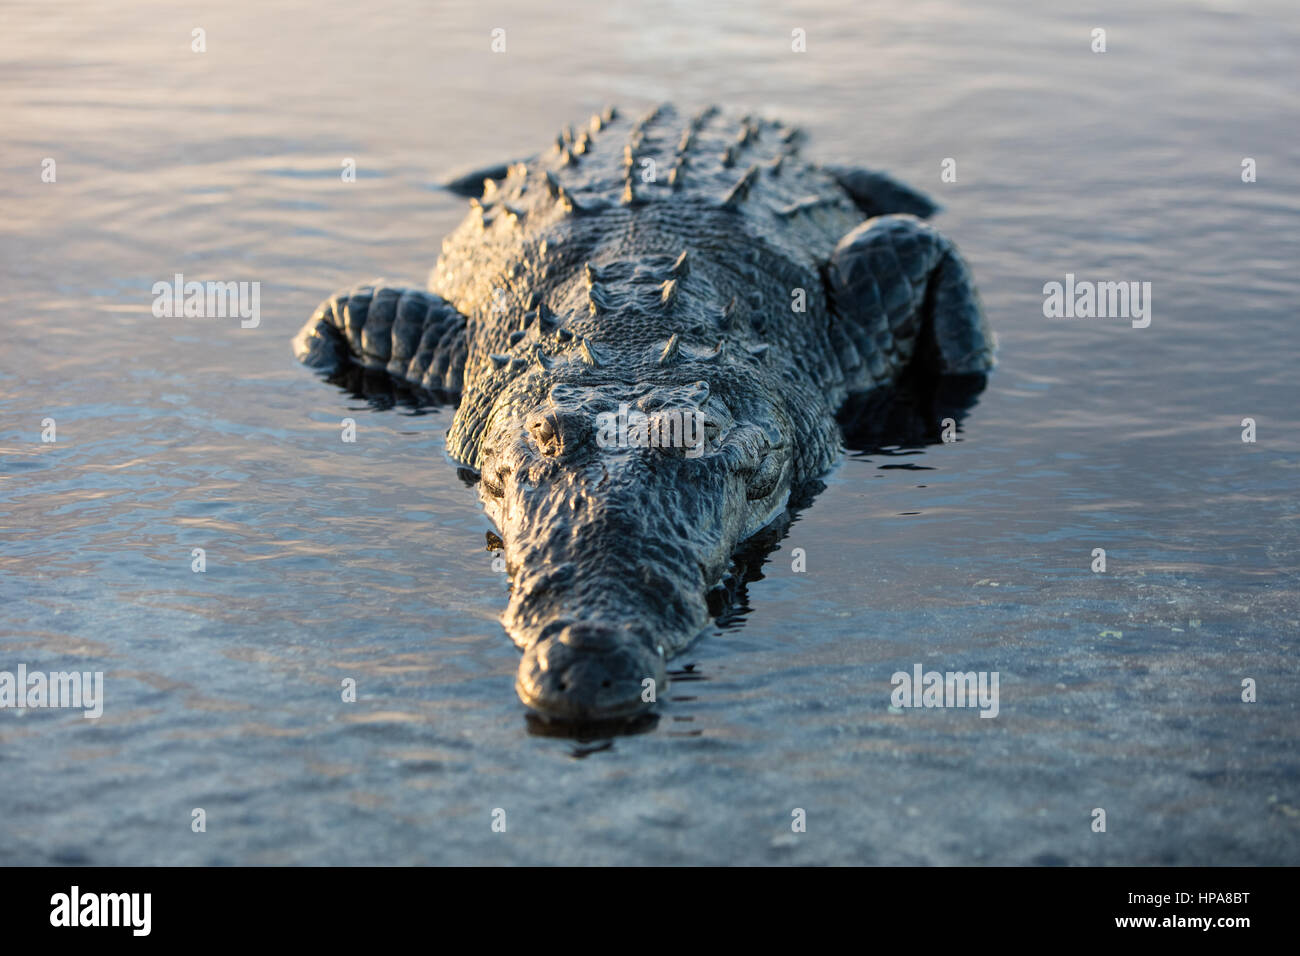 Una sigilosa cocodrilo americano se encuentra justo debajo de la superficie de una laguna cerca de la costa de Belice. Imagen De Stock